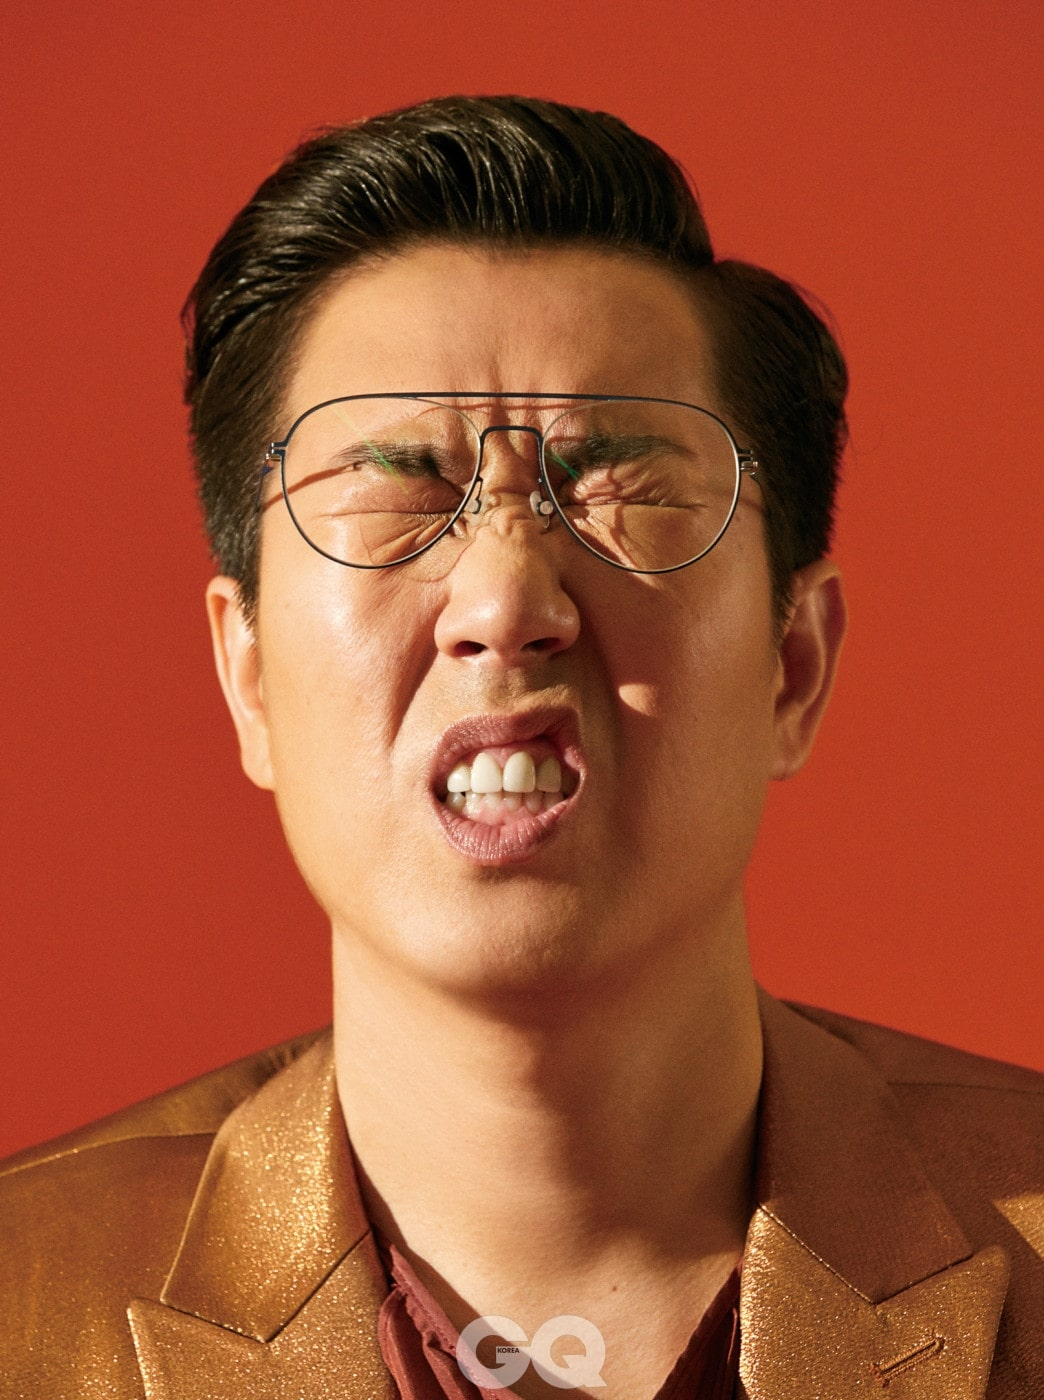 러플이 달린 셔츠와 반짝이는 재킷은 모두 김서룡.